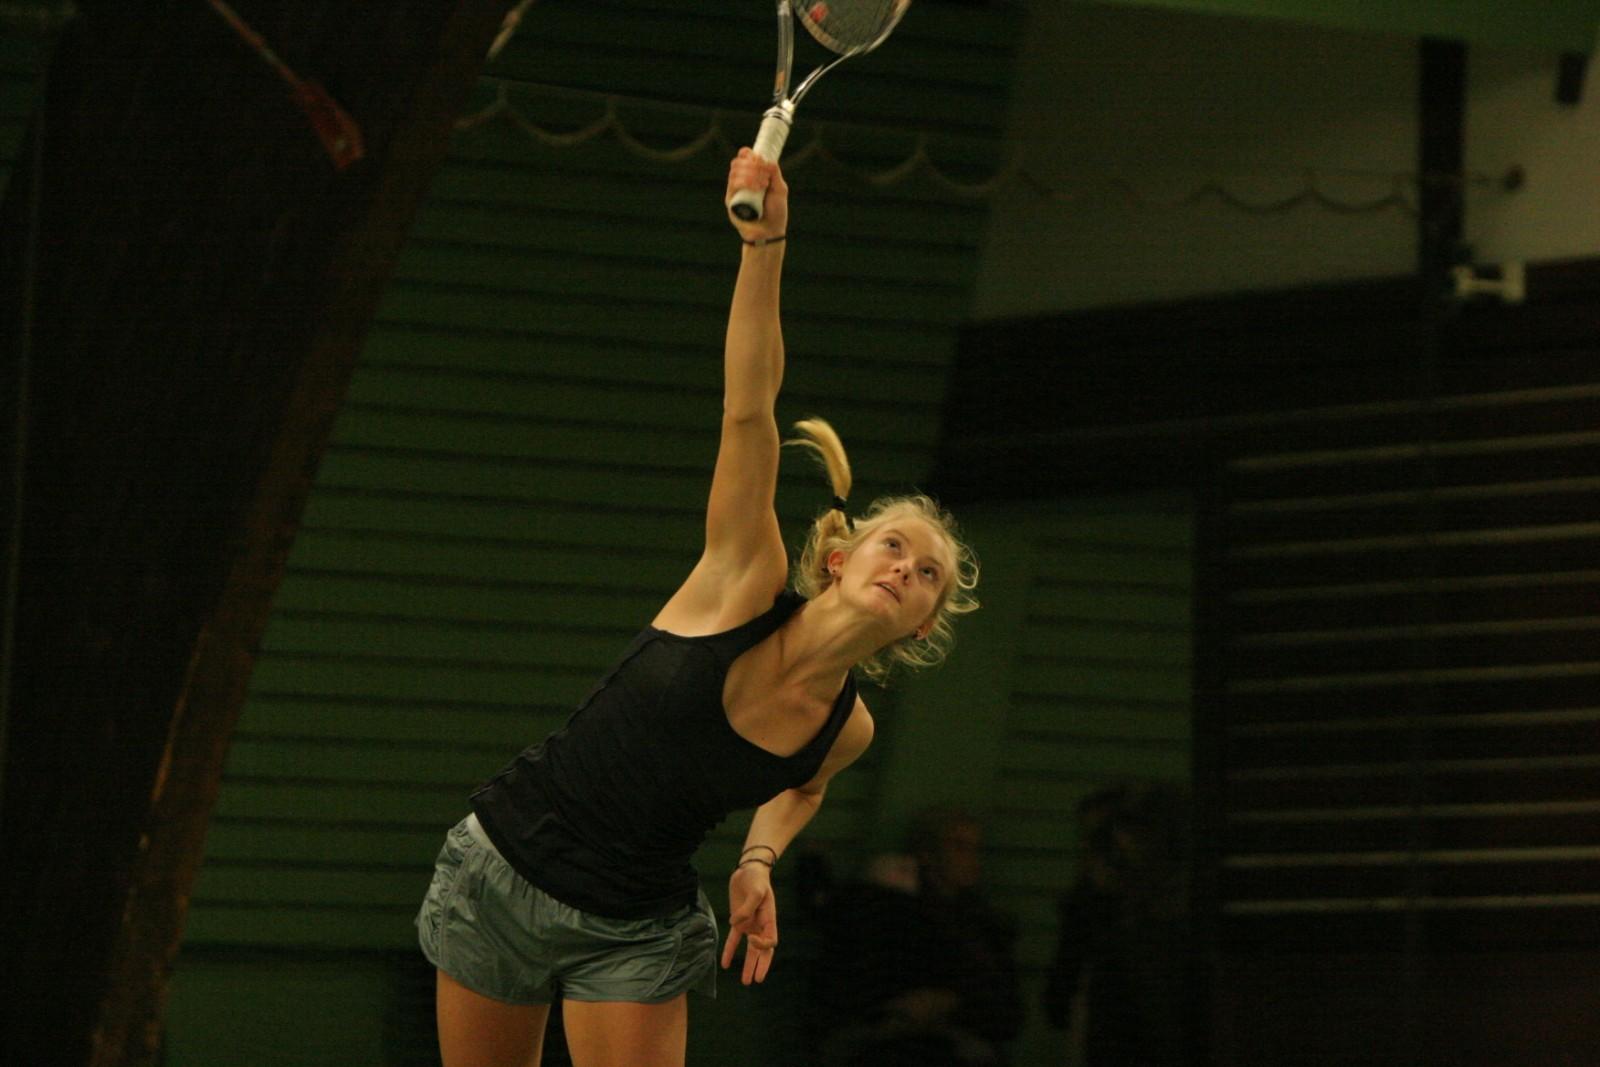 Luise Intert